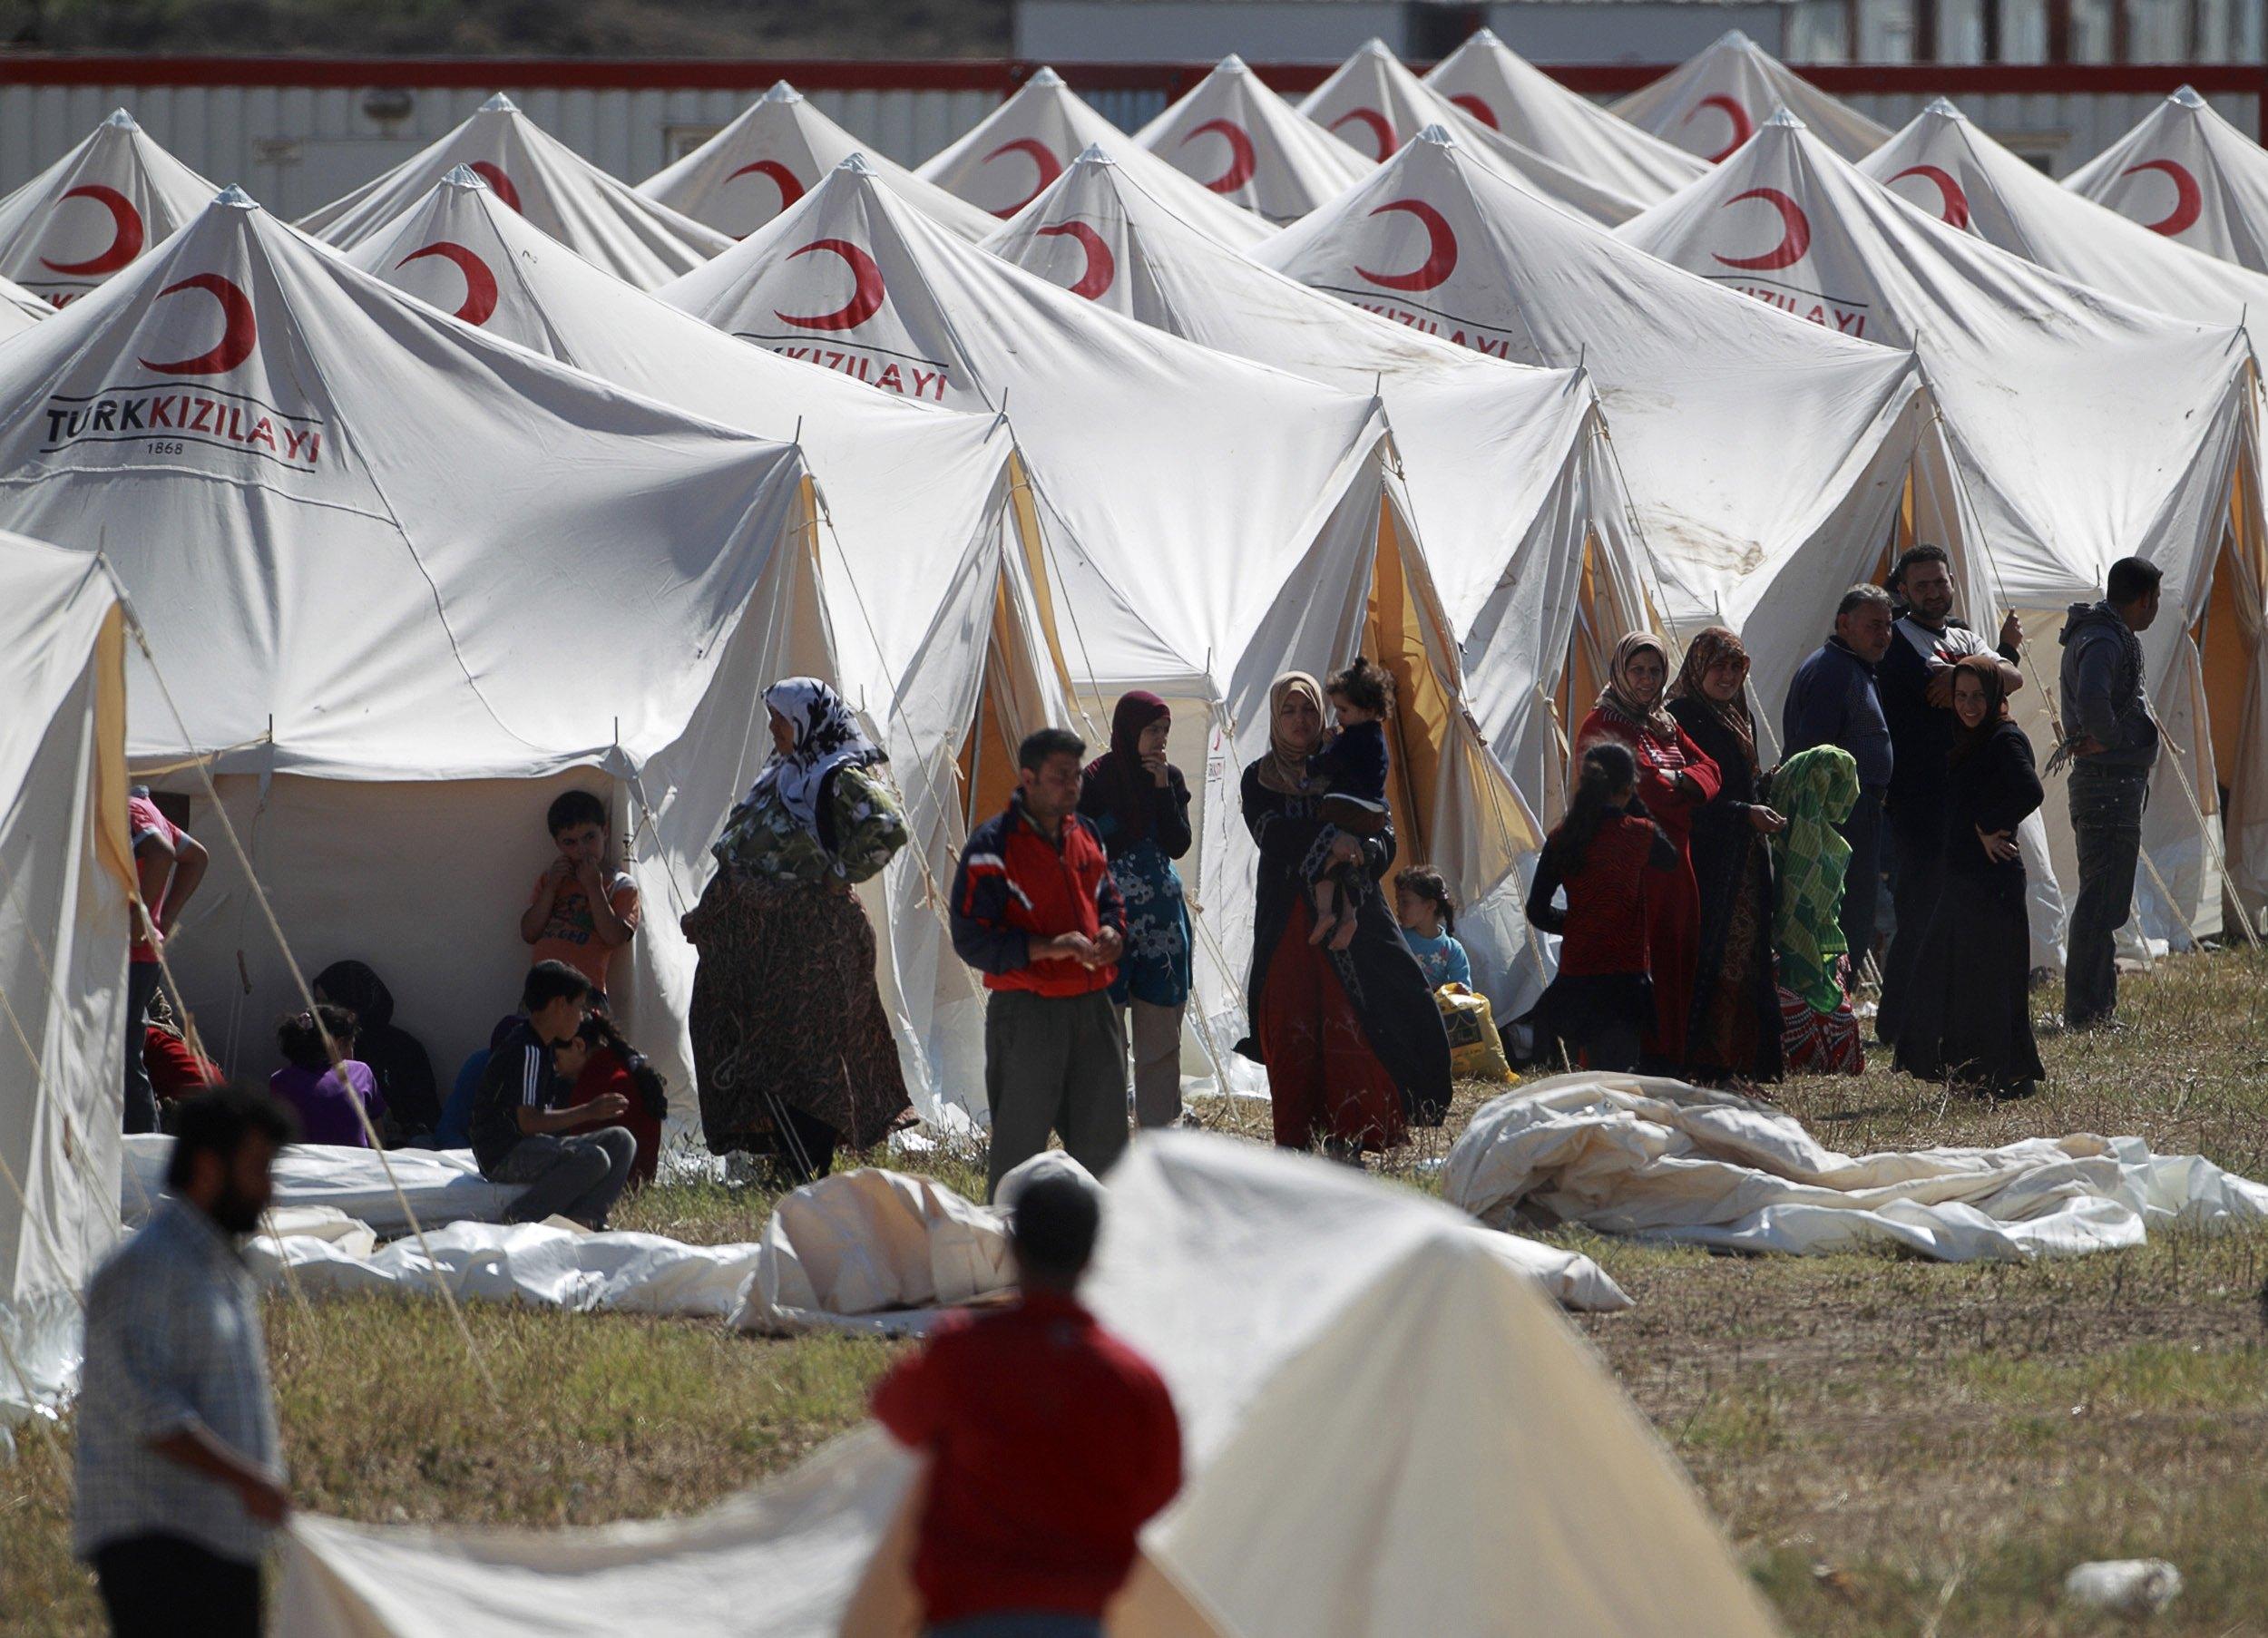 El Registro Nacional de Reincidencia colabora con los refugiados sirios